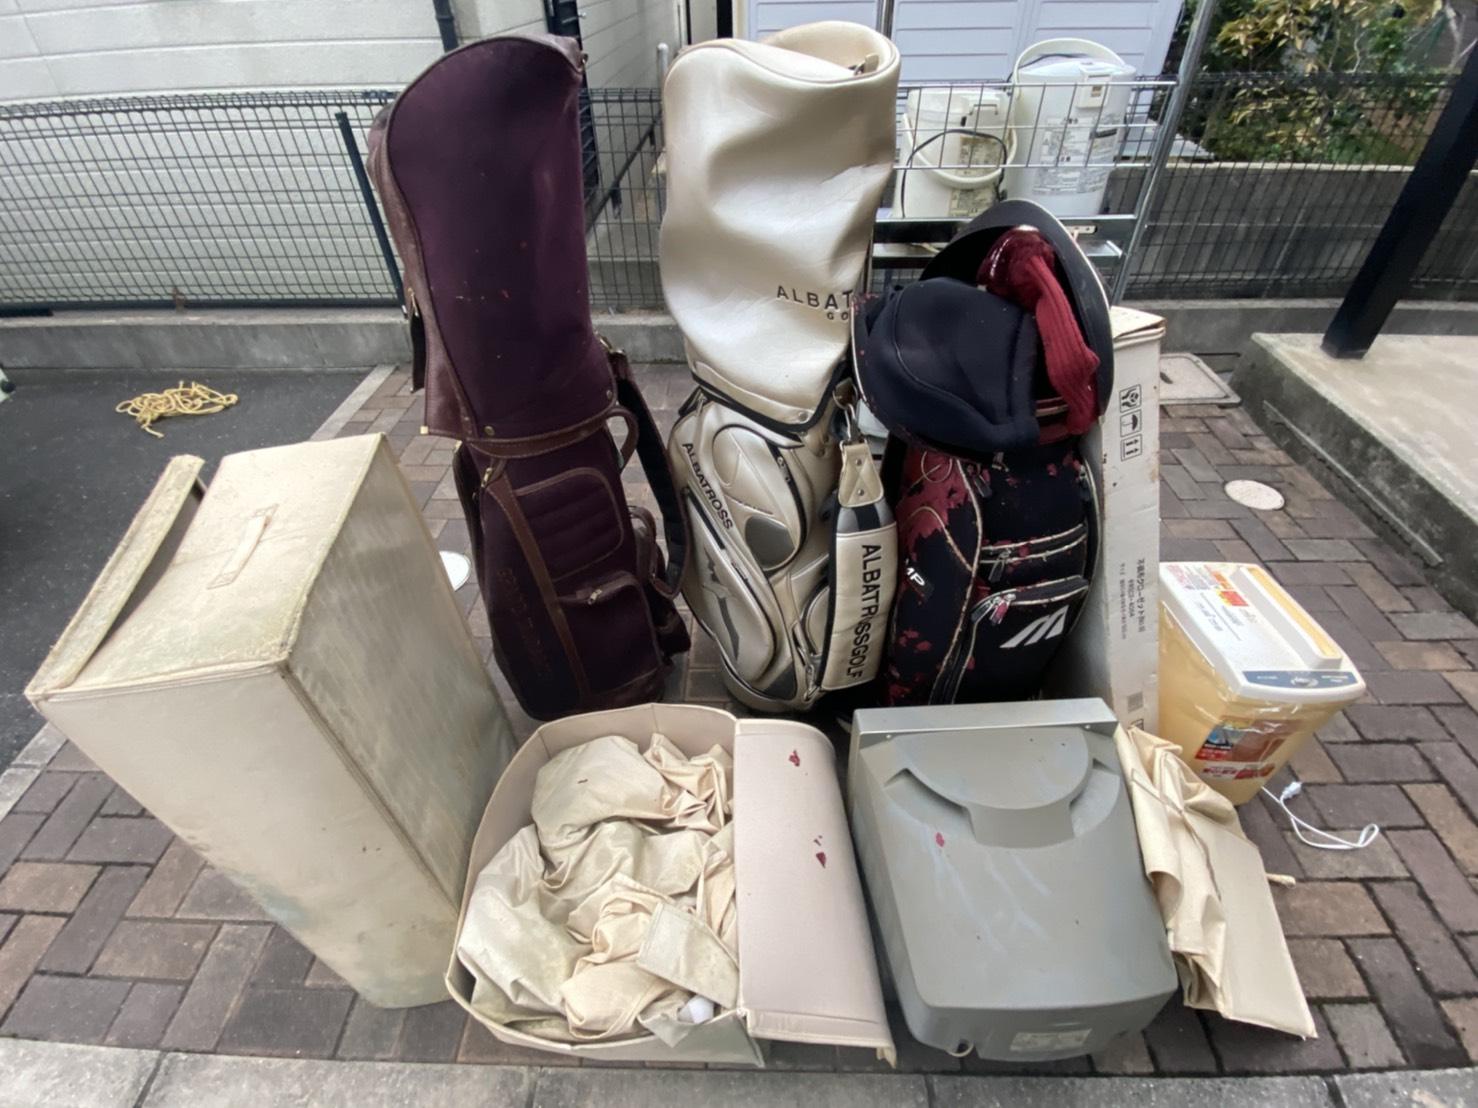 ゴルフバッグや収納ケースの回収前